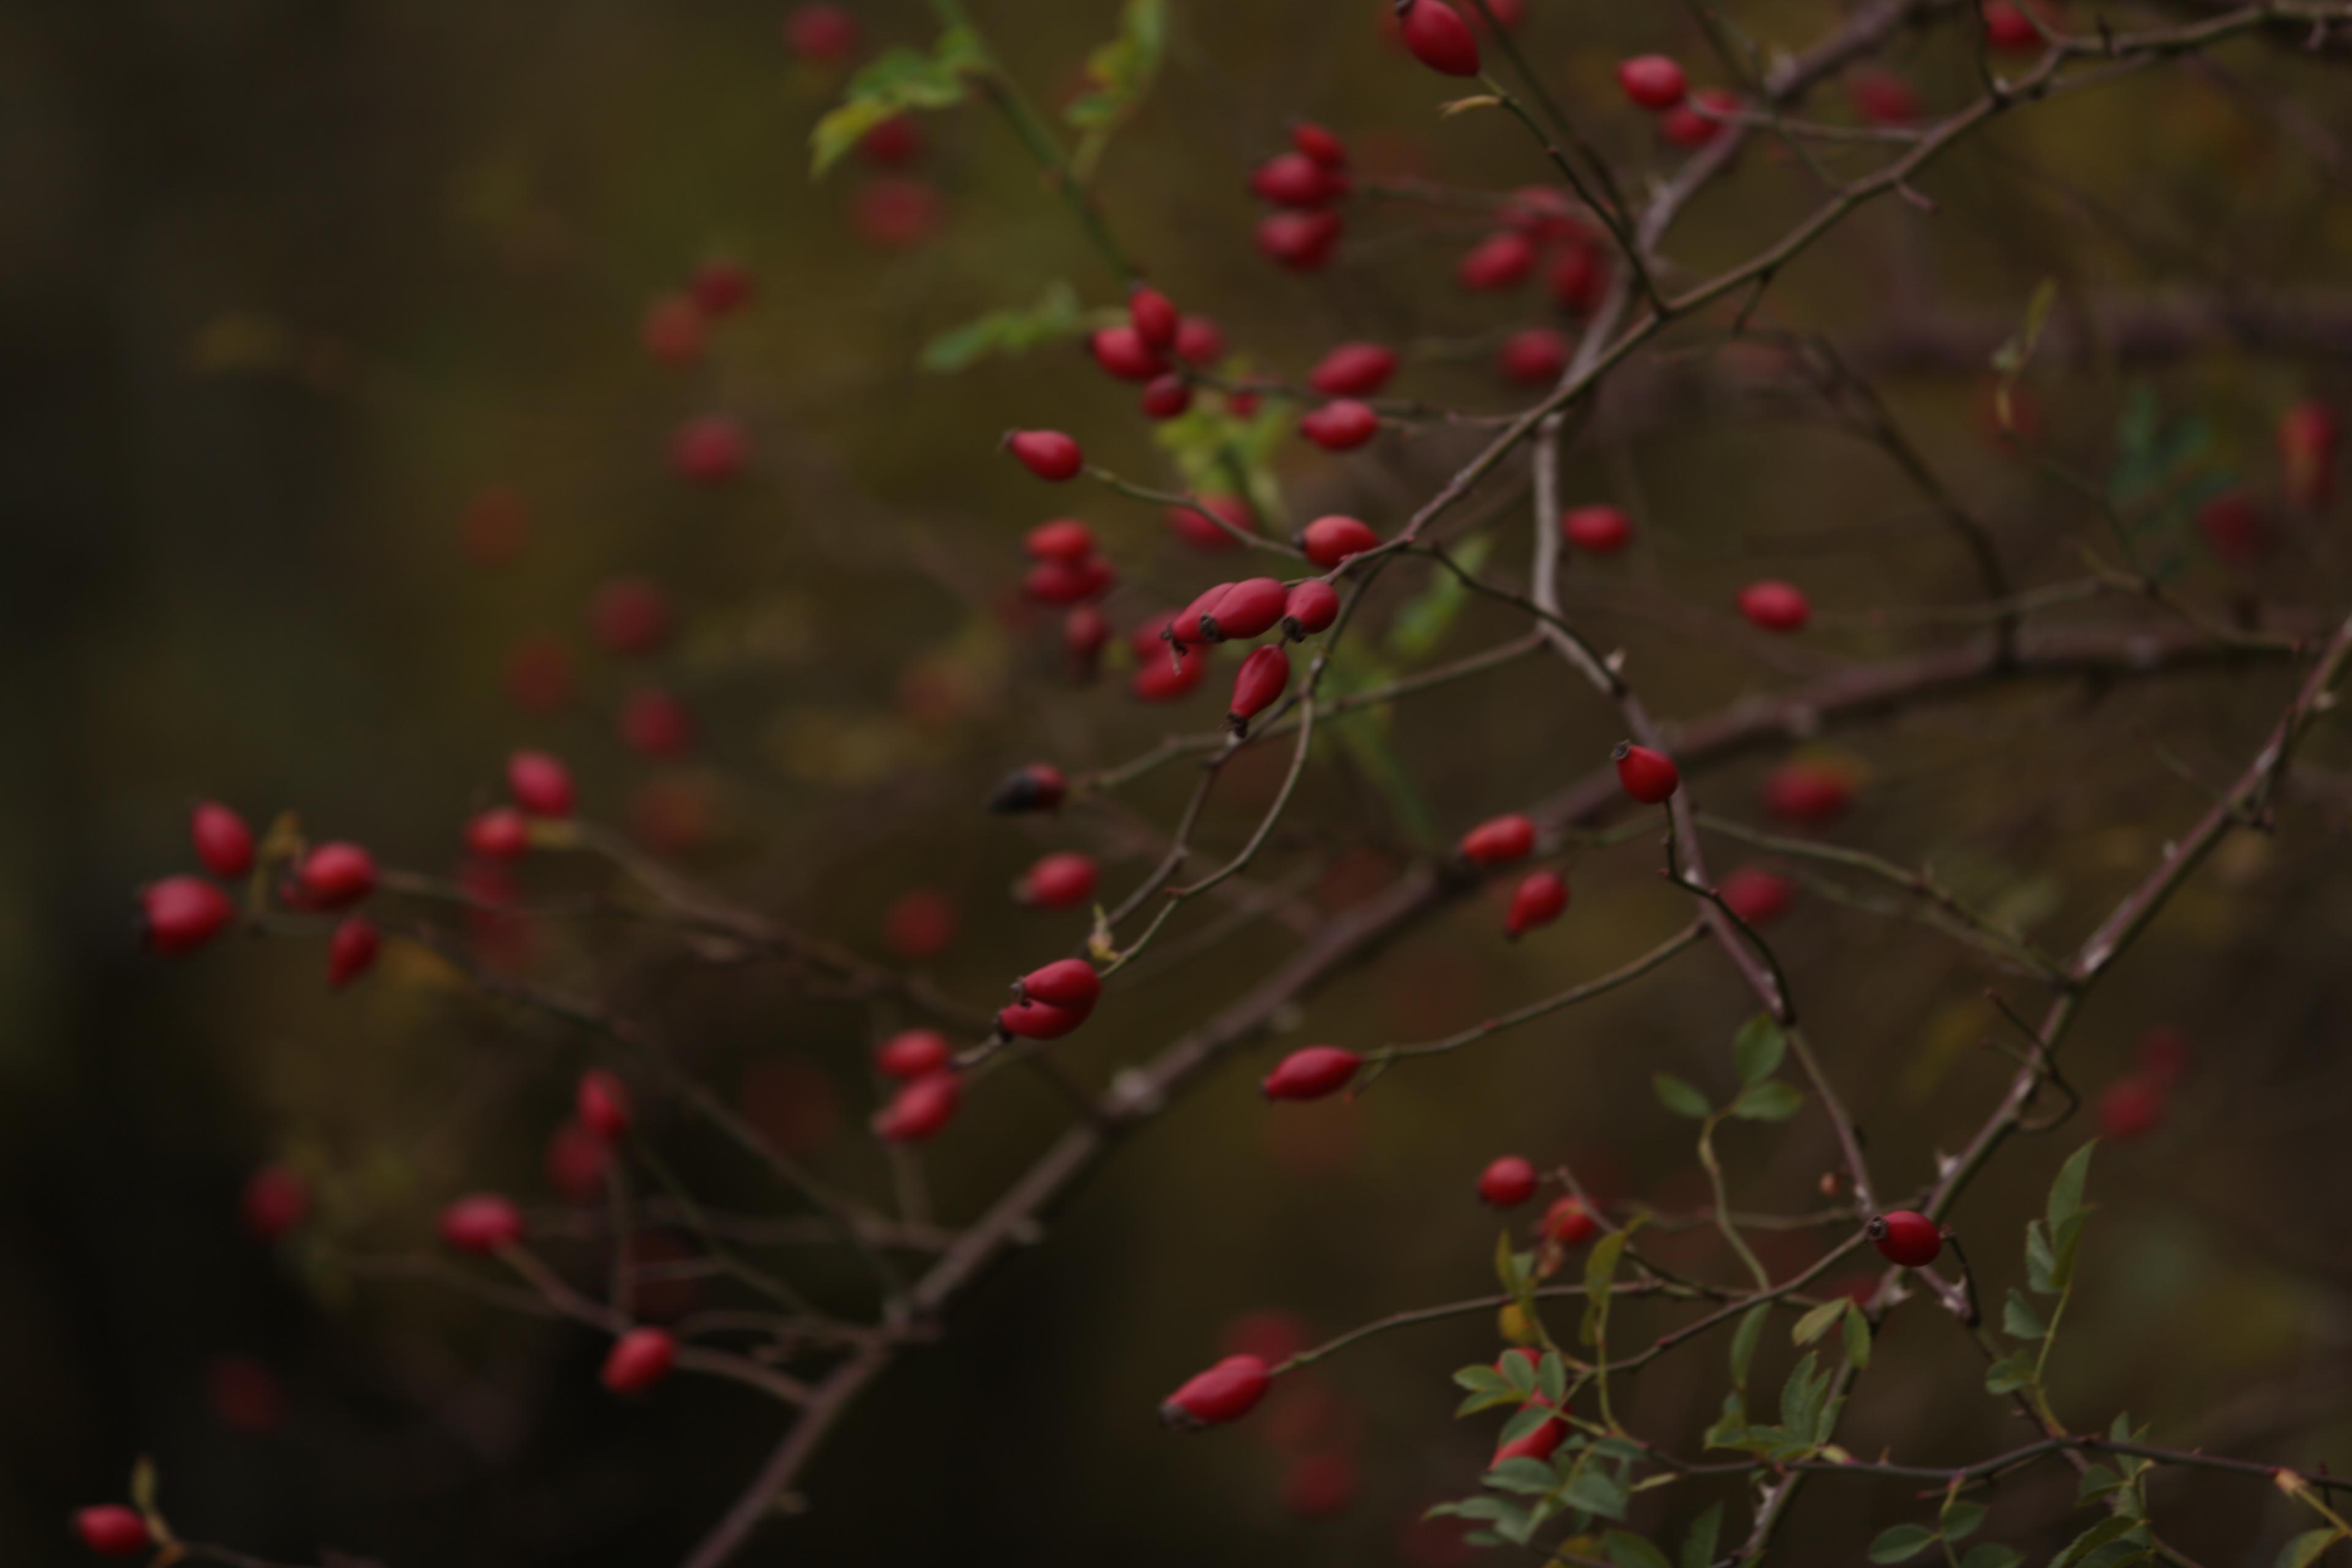 Strauchrose im Herbst